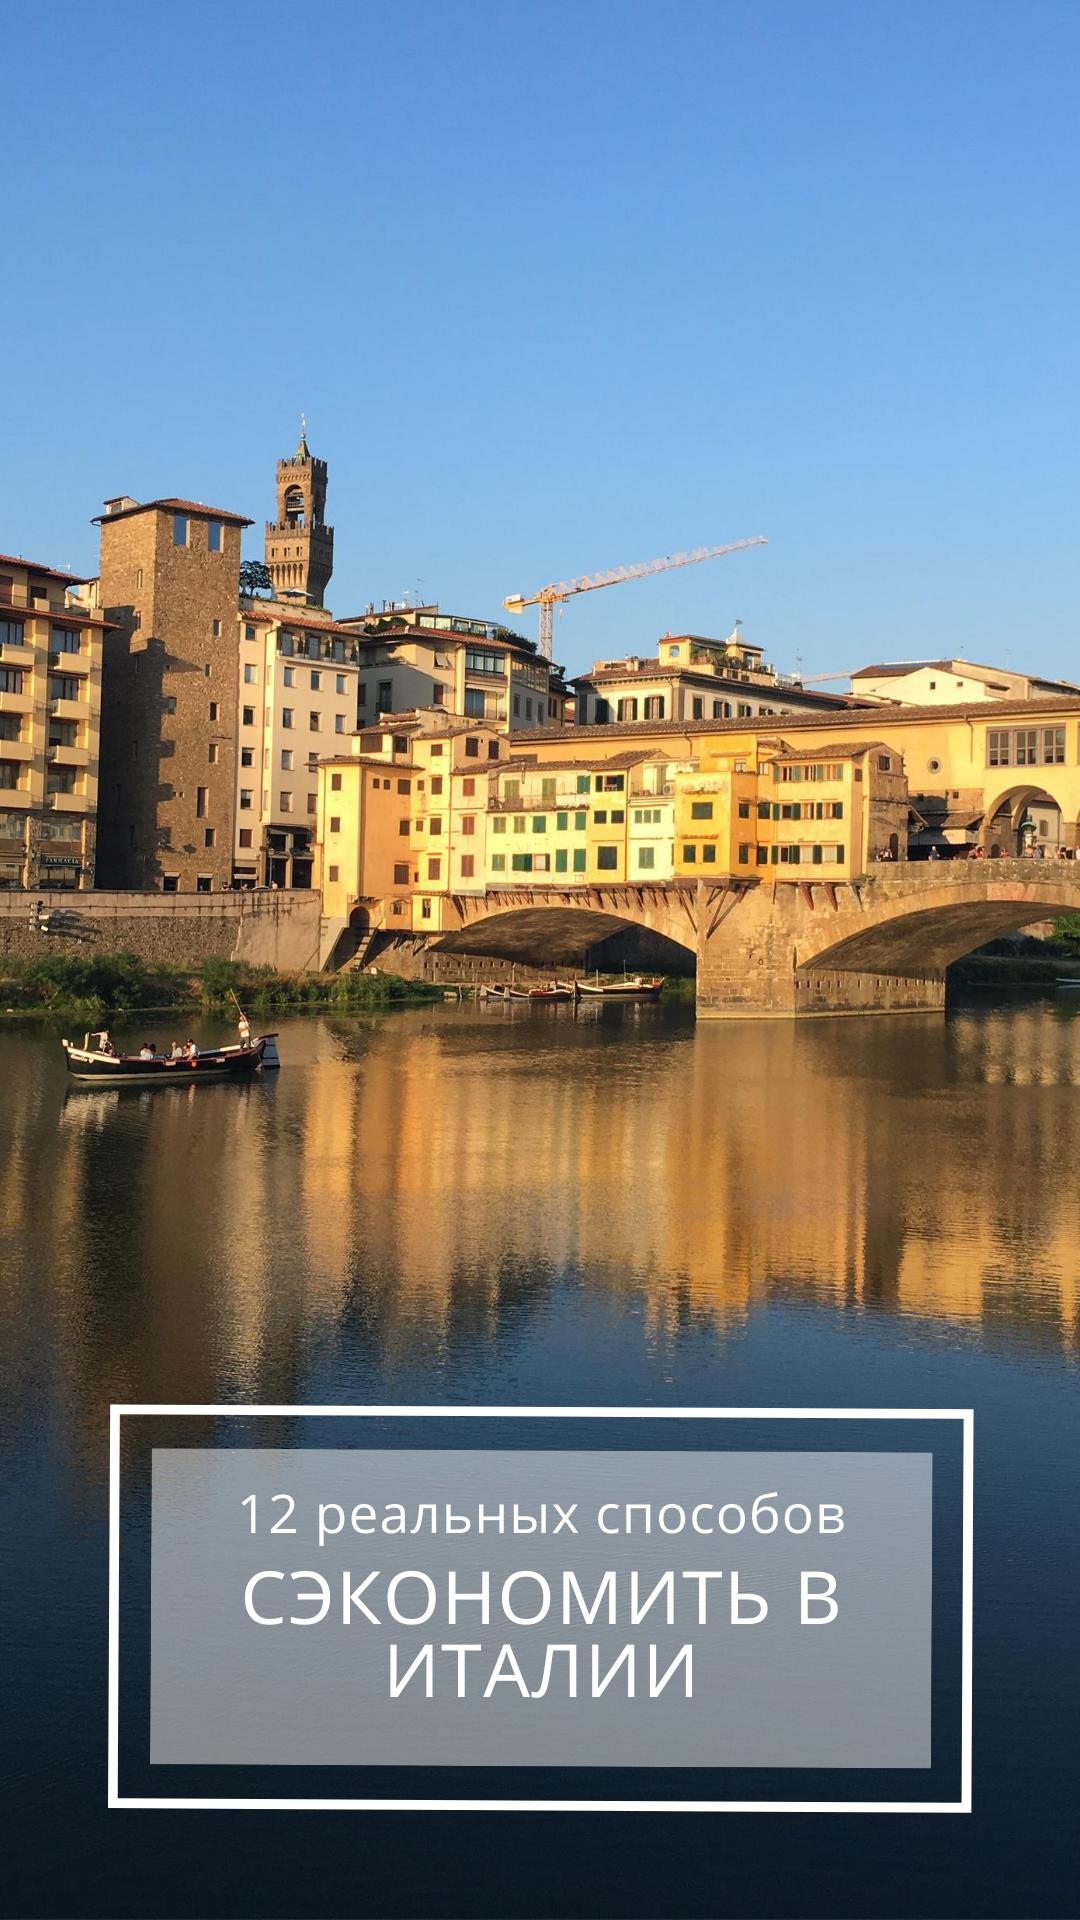 Как сэкономить в Италии